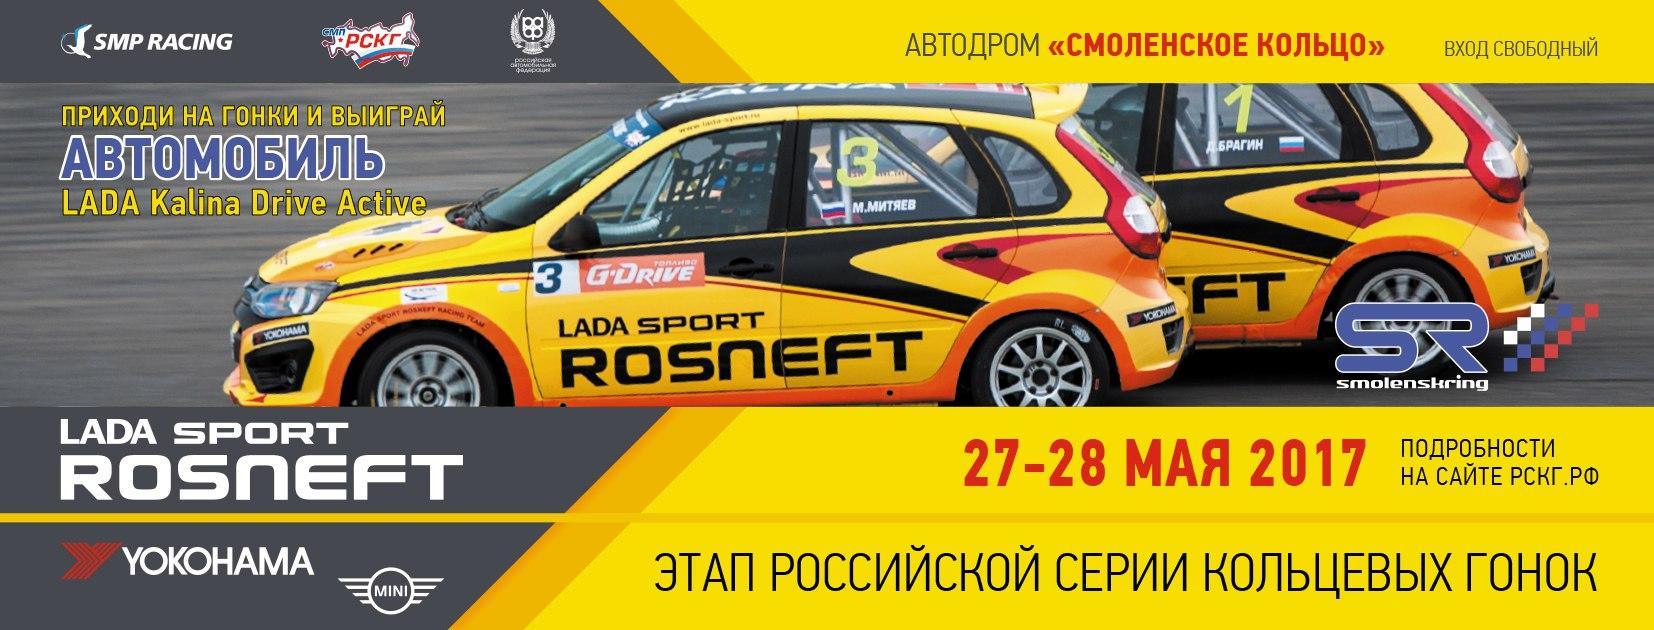 Второй этап российской серии кольцевых гонок в Смоленске!